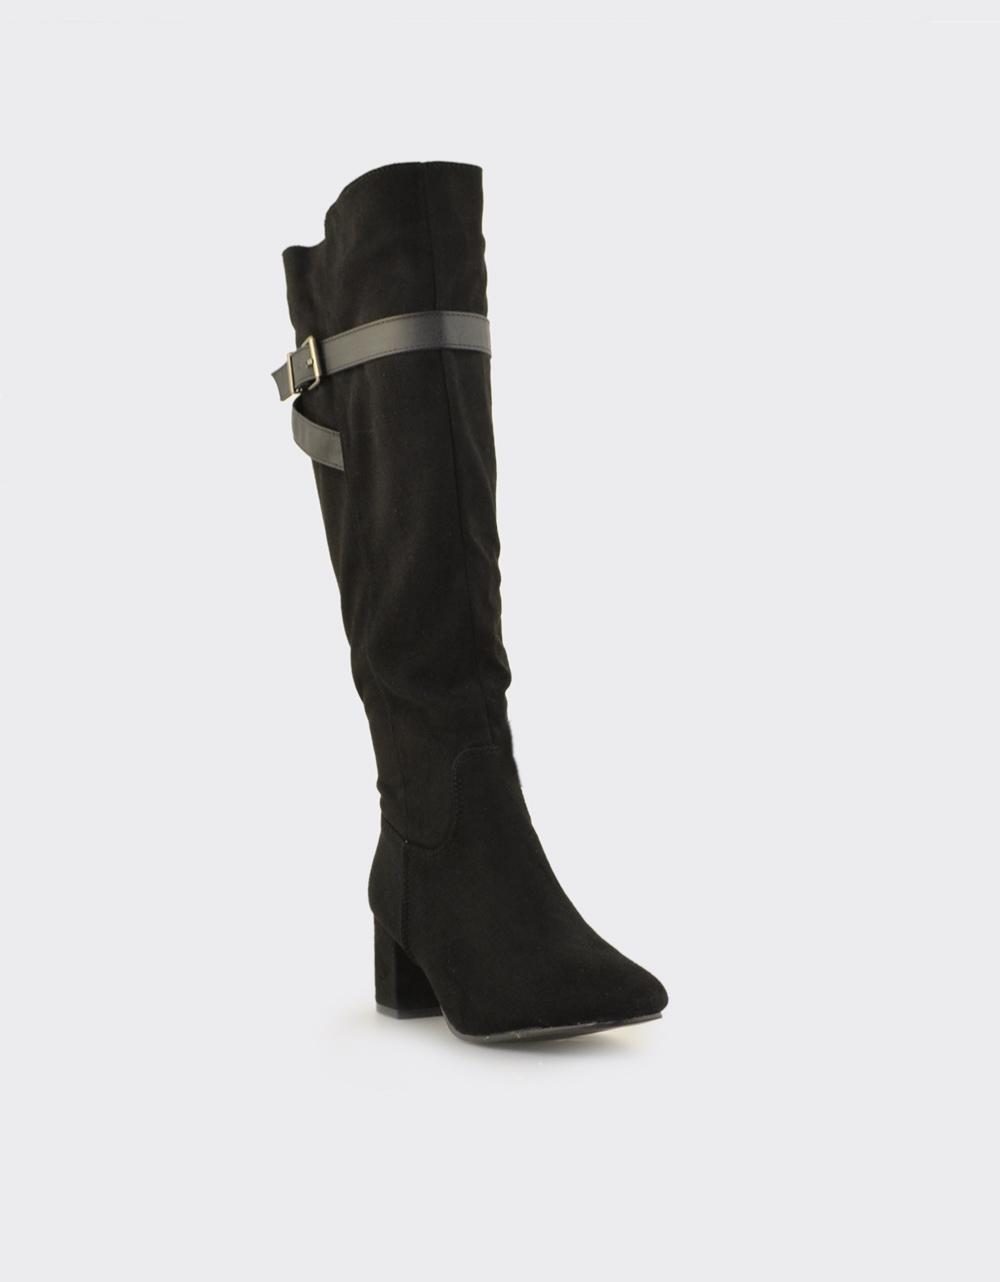 Εικόνα από Γυναικείες μπότες με διακοσμητικό λουράκι Μαύρο